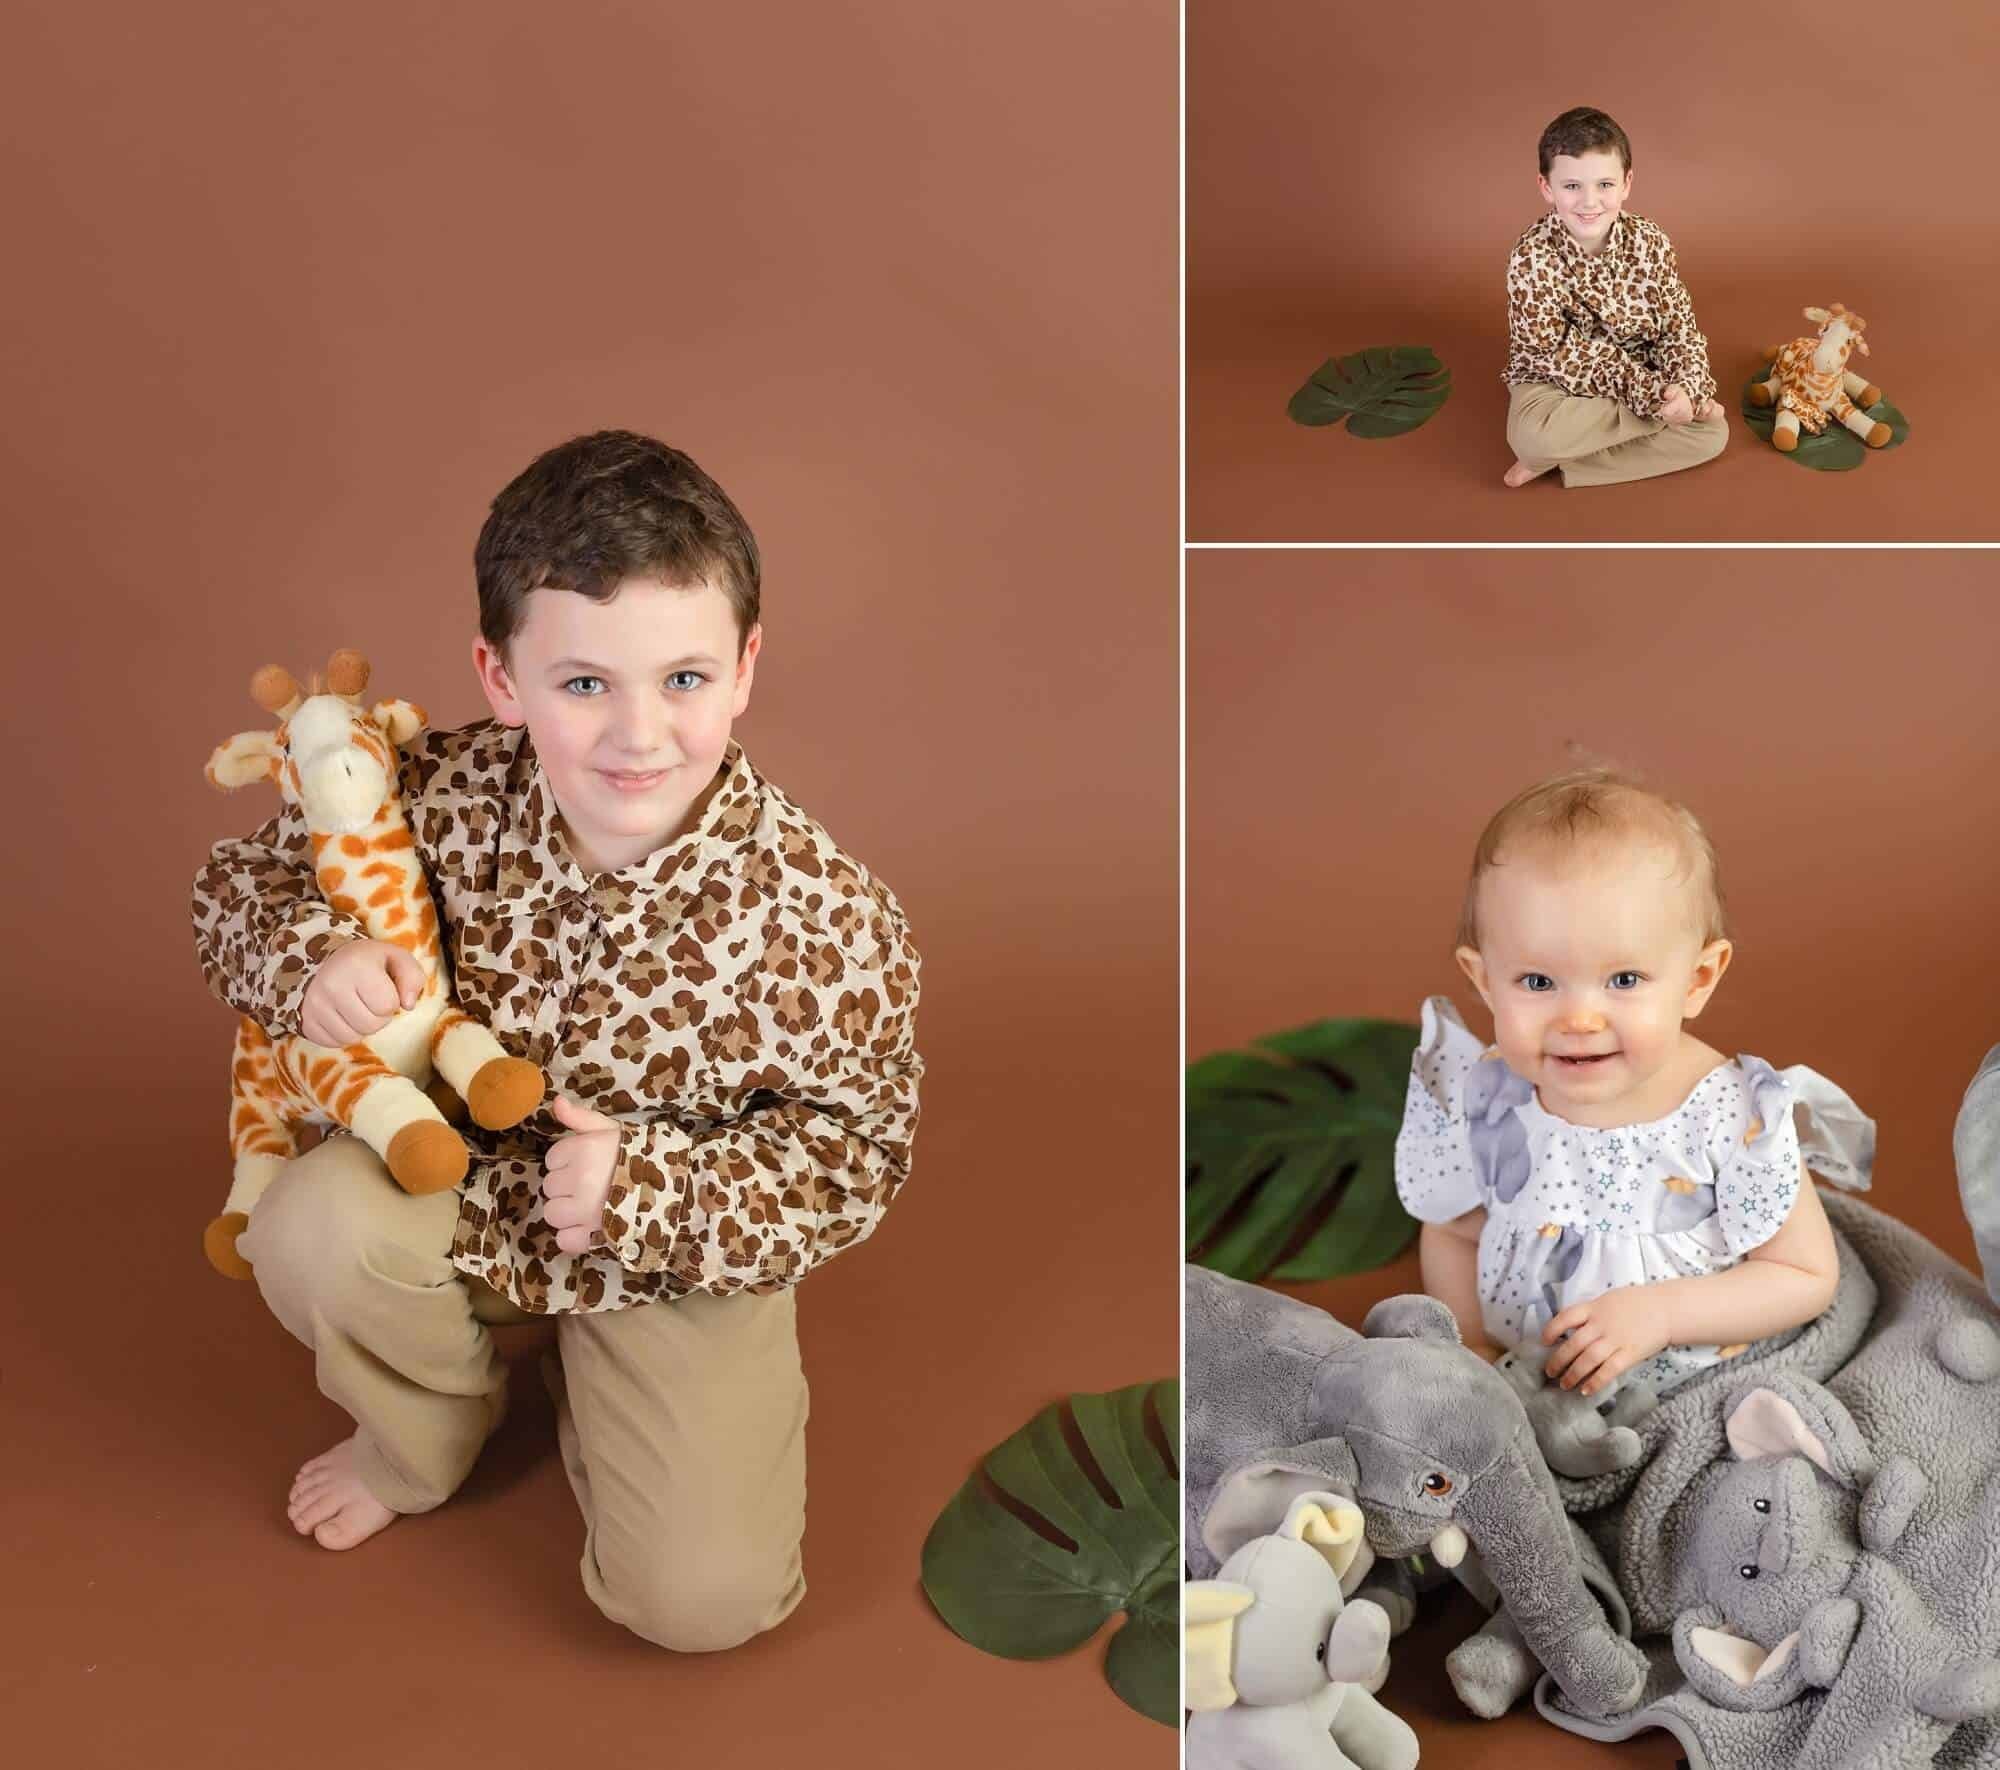 safari themed sibling photo shoot